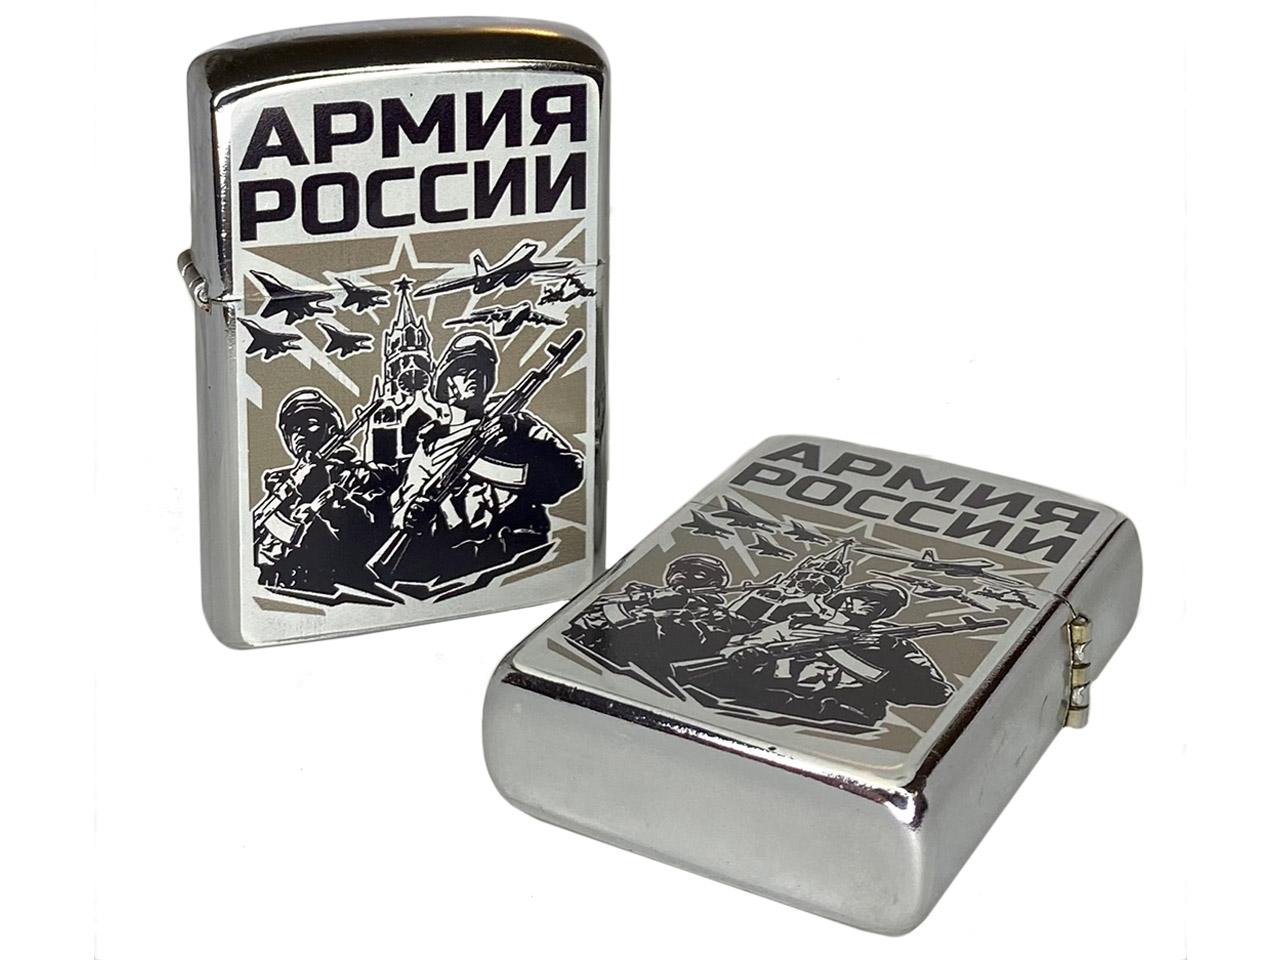 Зажигалка бензиновая Армия России  купить  в подарок